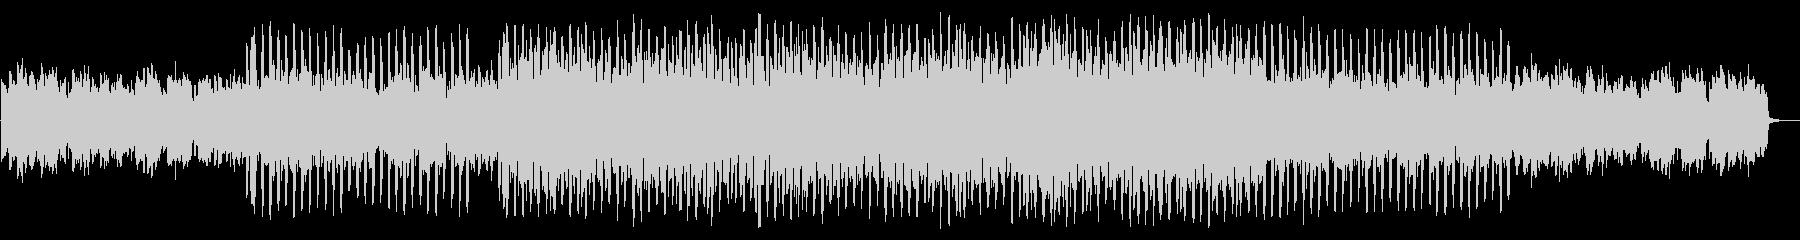 映像に最適なかわいいエレクトロポップの未再生の波形